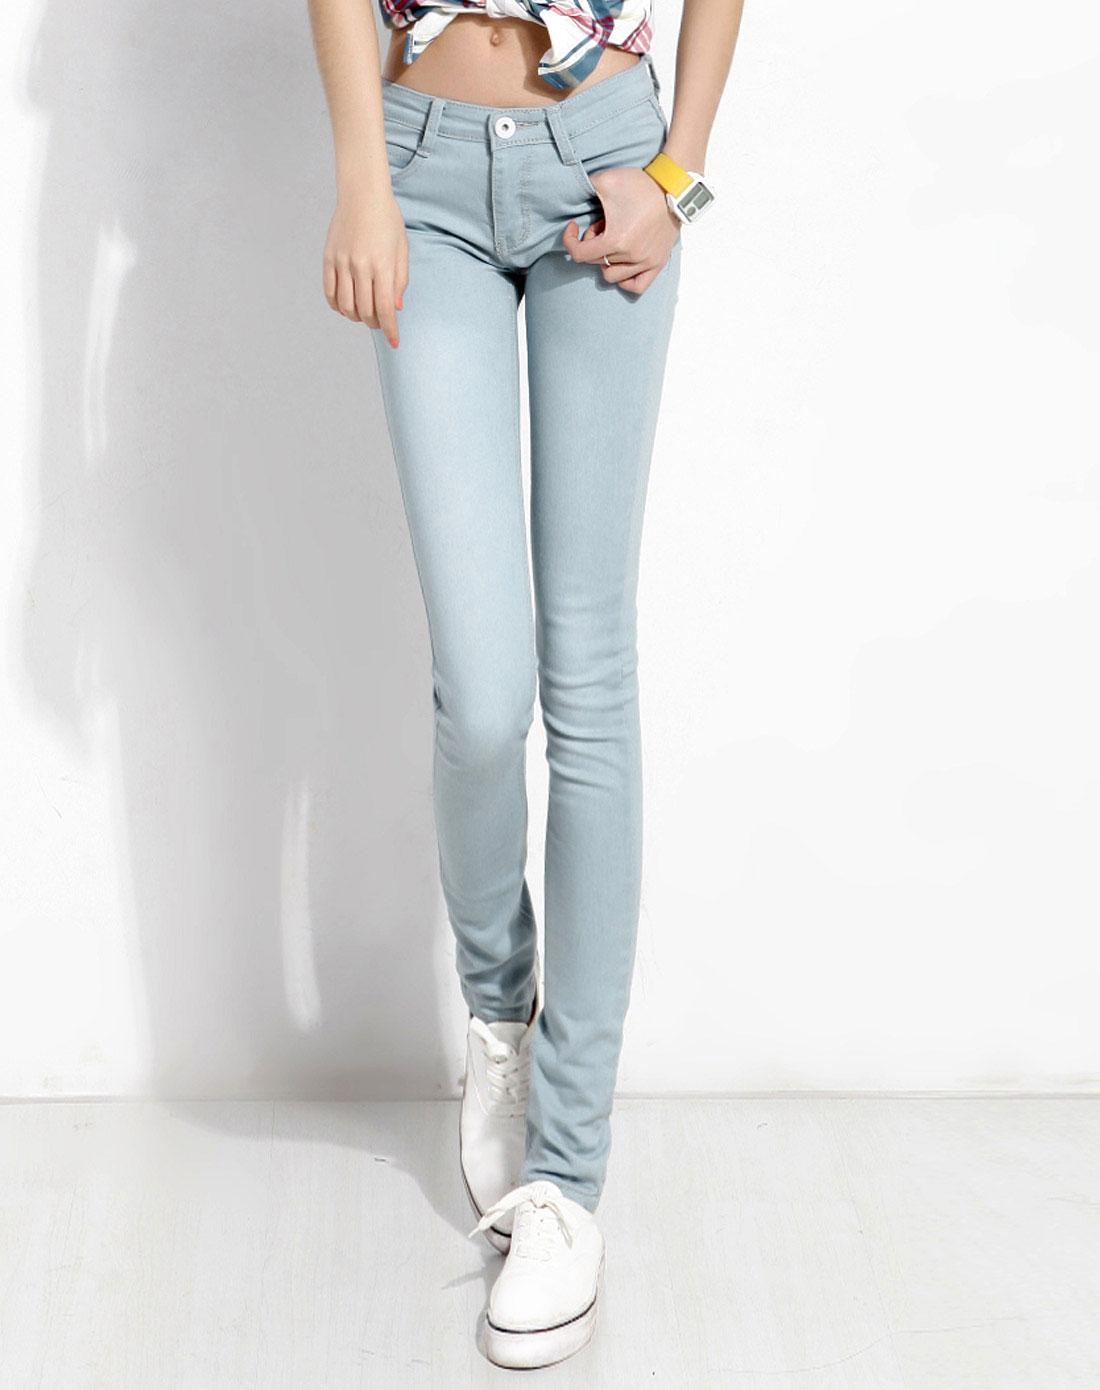 浅色牛仔短裤搭配,高腰浅色牛仔微喇叭裤,浅色牛仔,浅色牛仔九